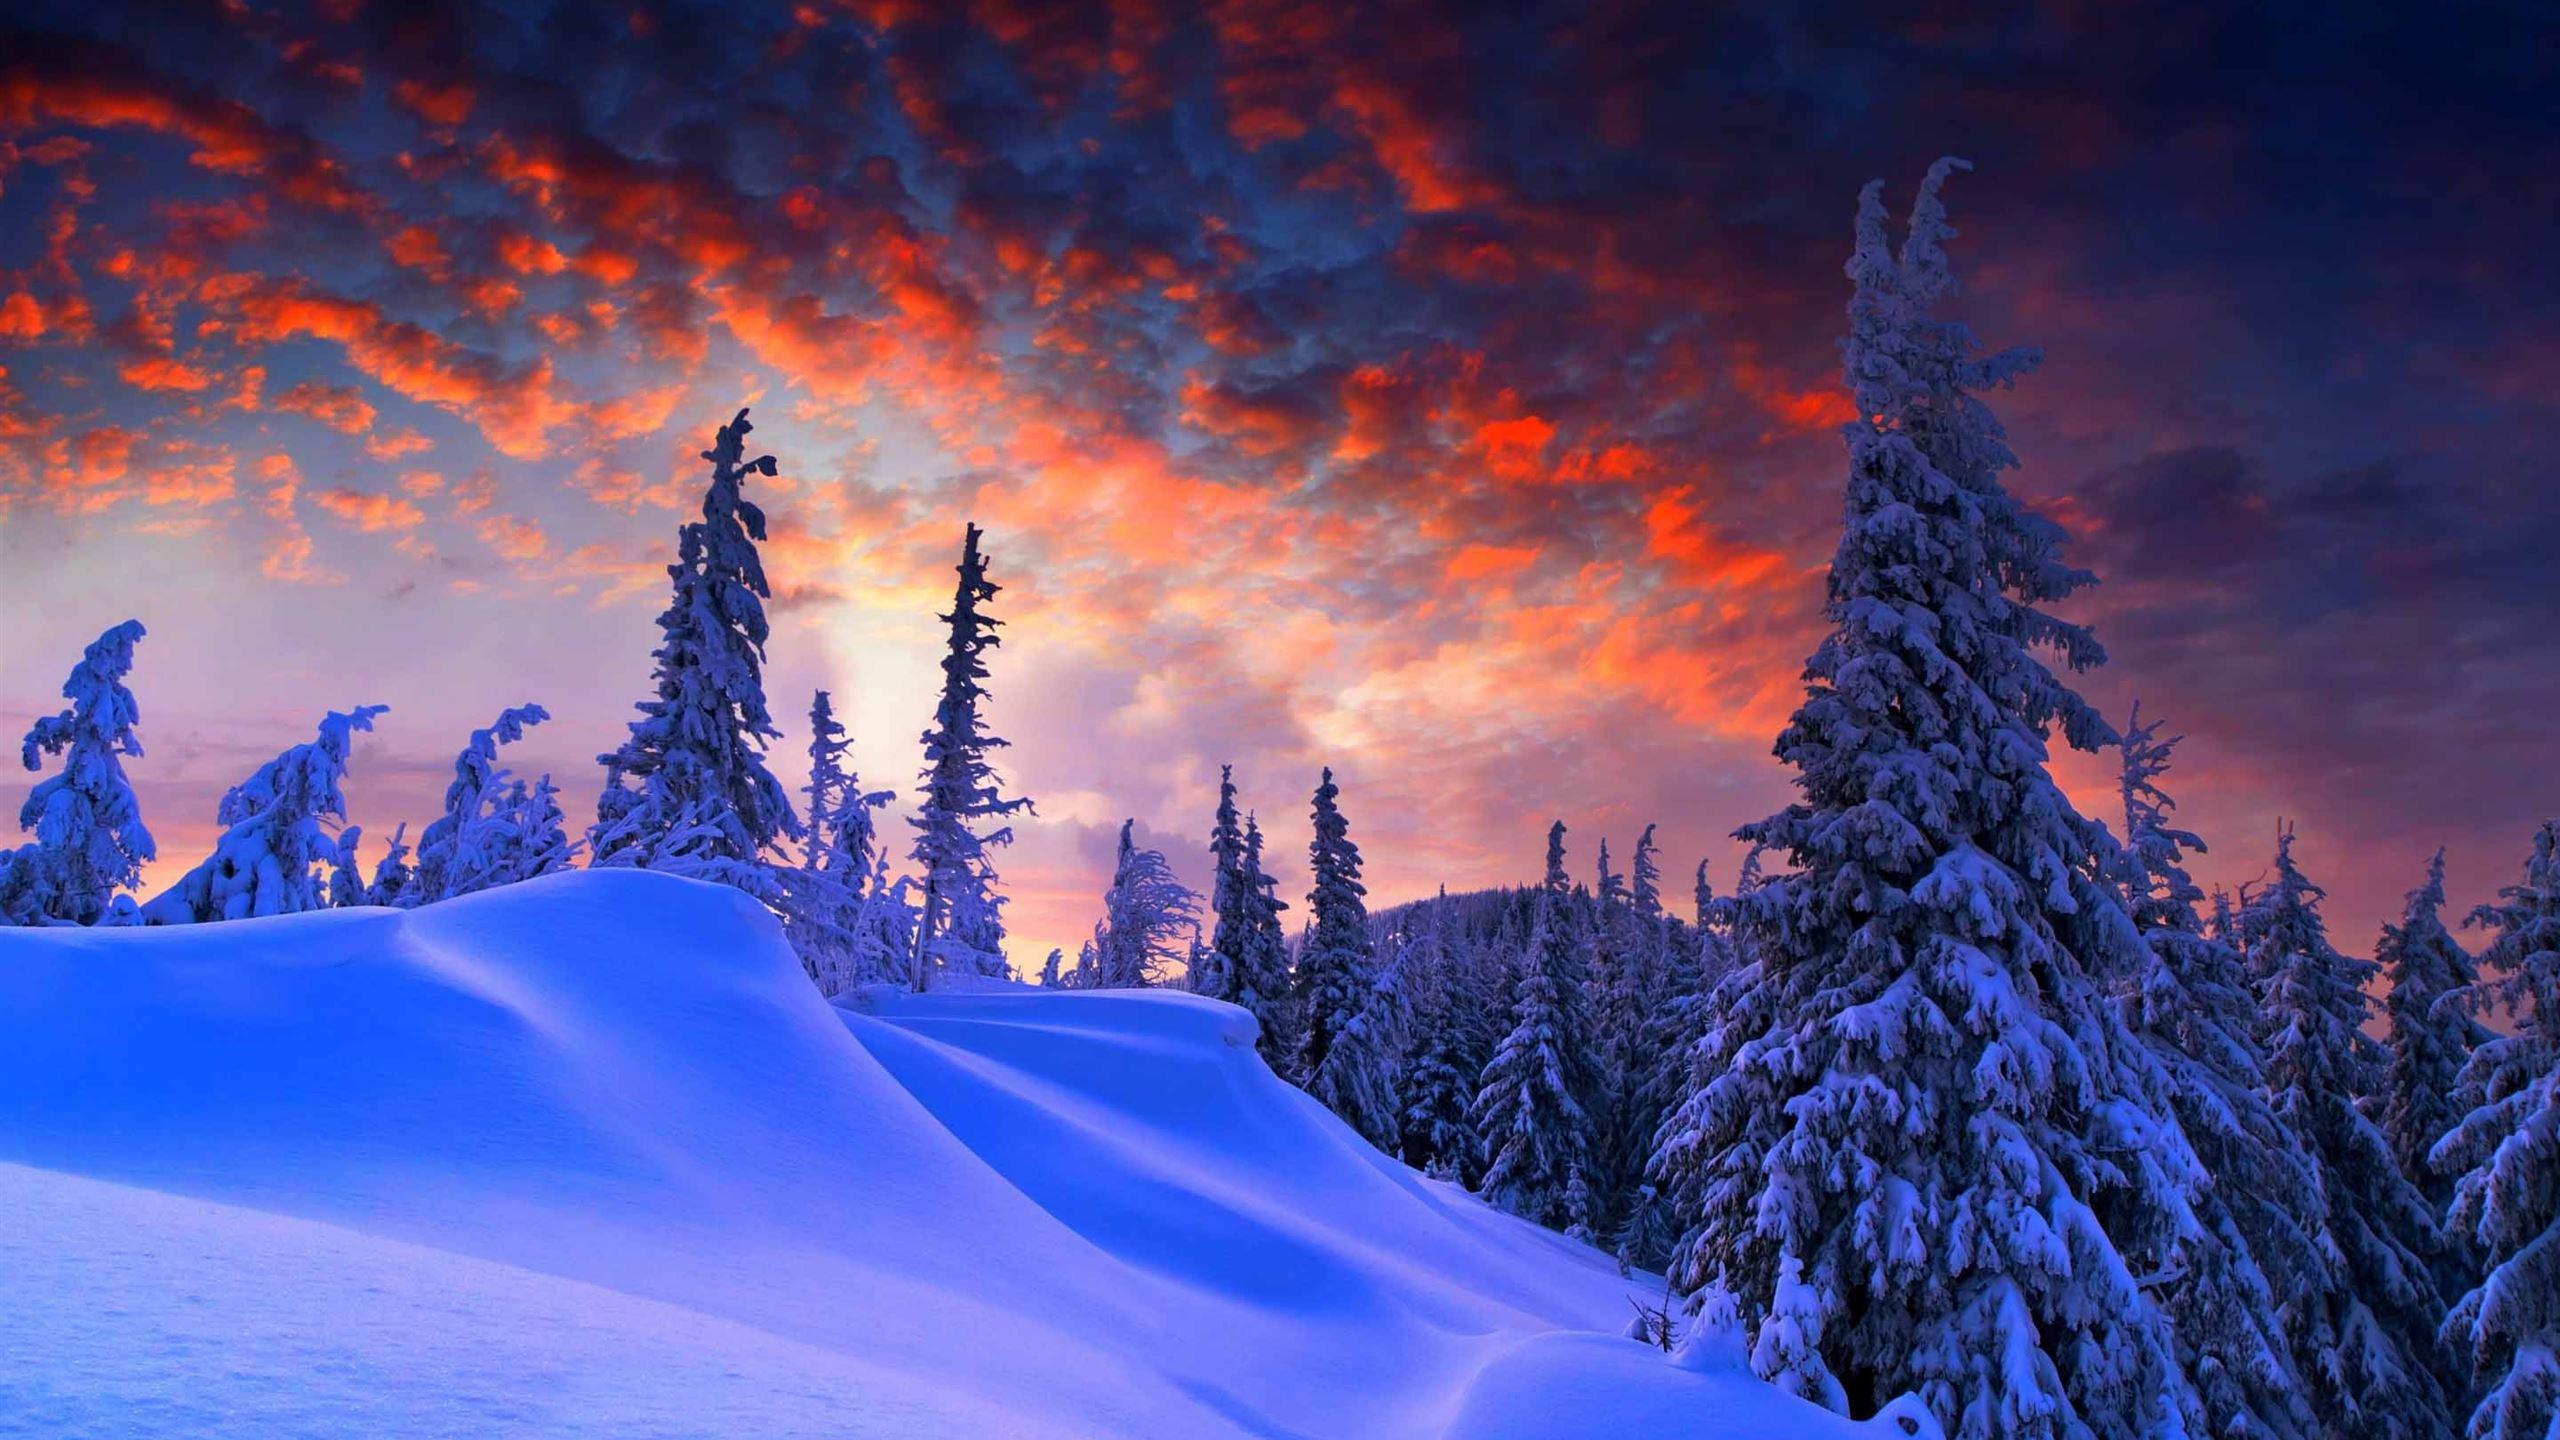 Winter Christmas Macbook Air Wallpaper Download Allmacwallpaper